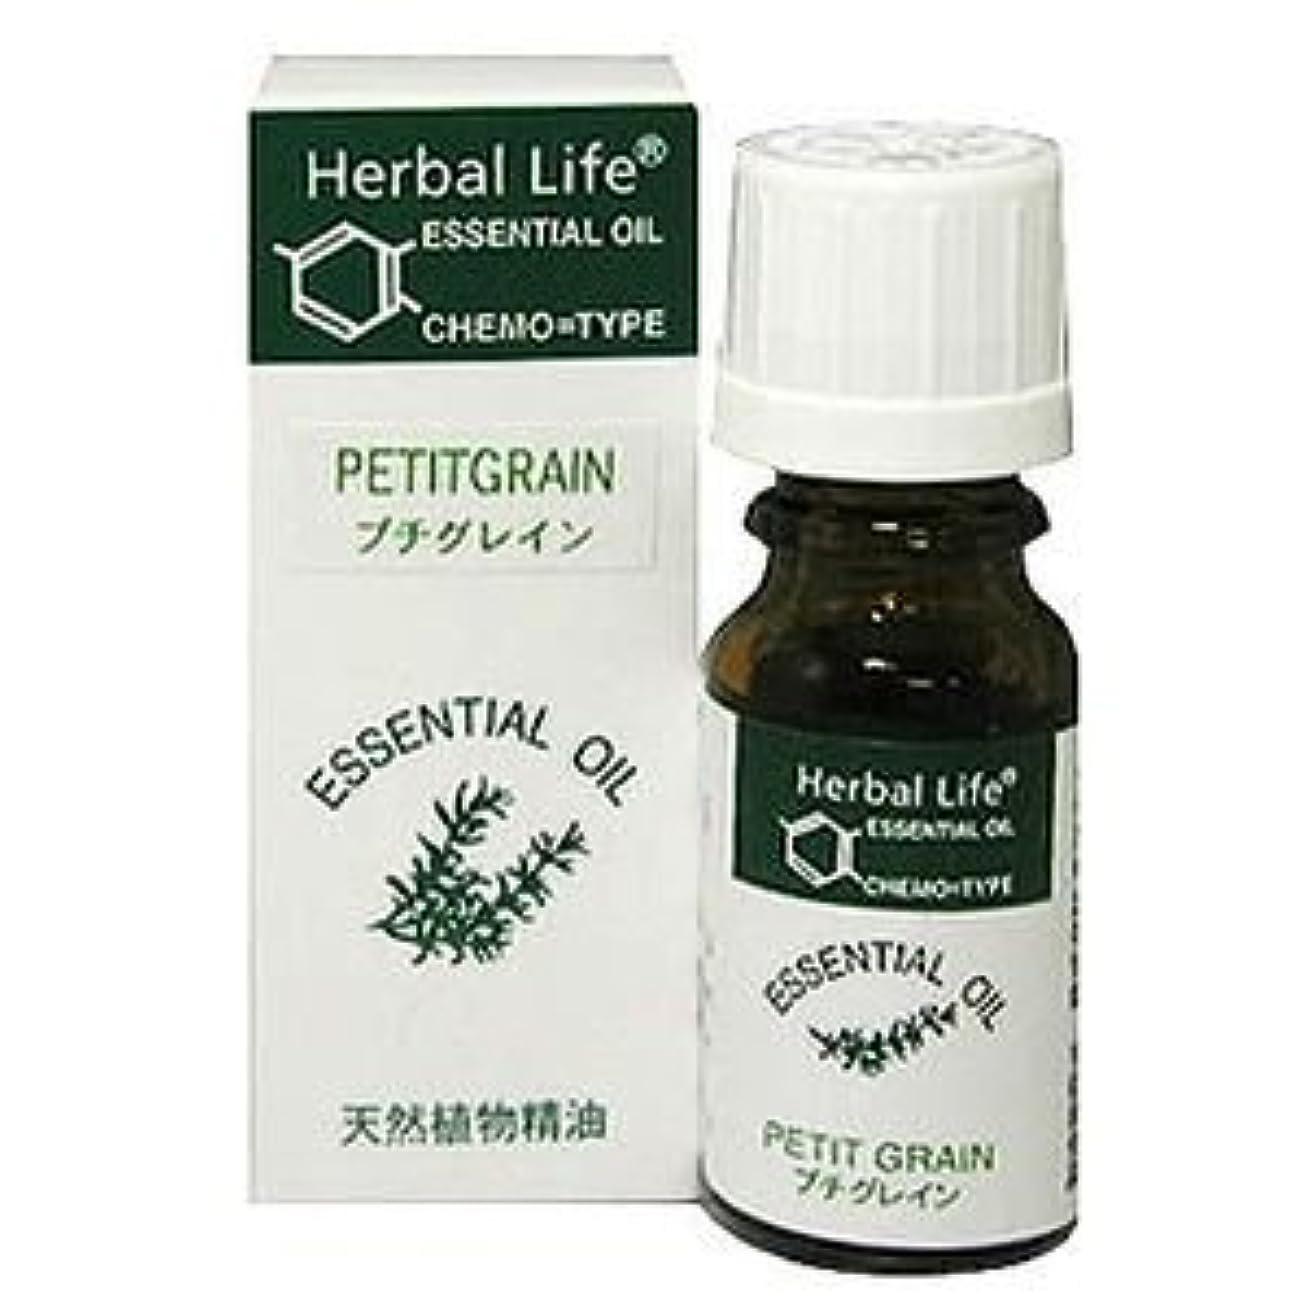 ビバ遠え相続人Herbal Life プチグレン 10ml